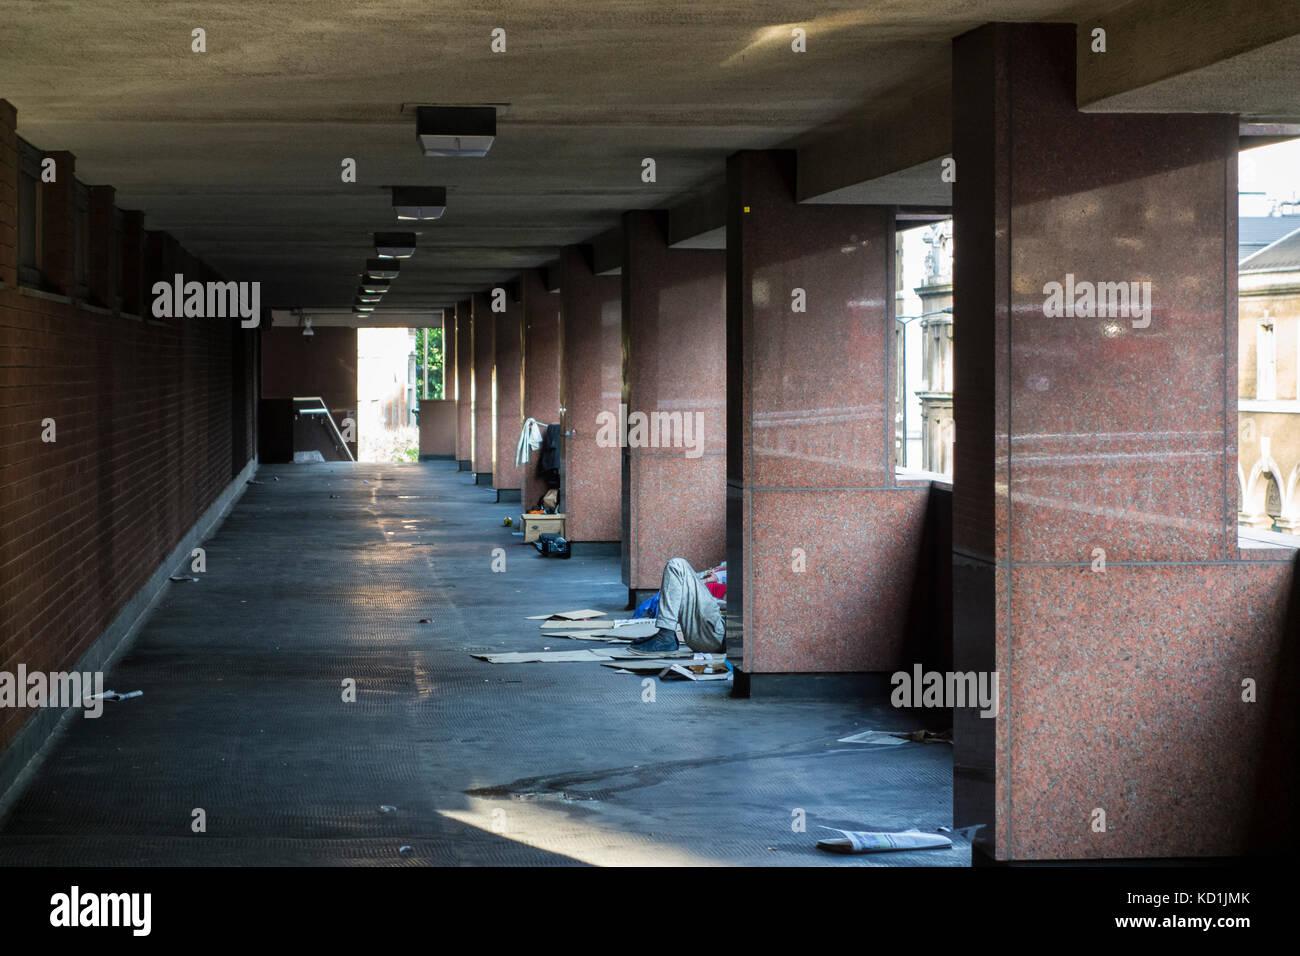 Les sans-abri et sans-abrisme de rue sur la ville de Londres pour piétons, des trottoirs et chaussées, Photo Stock